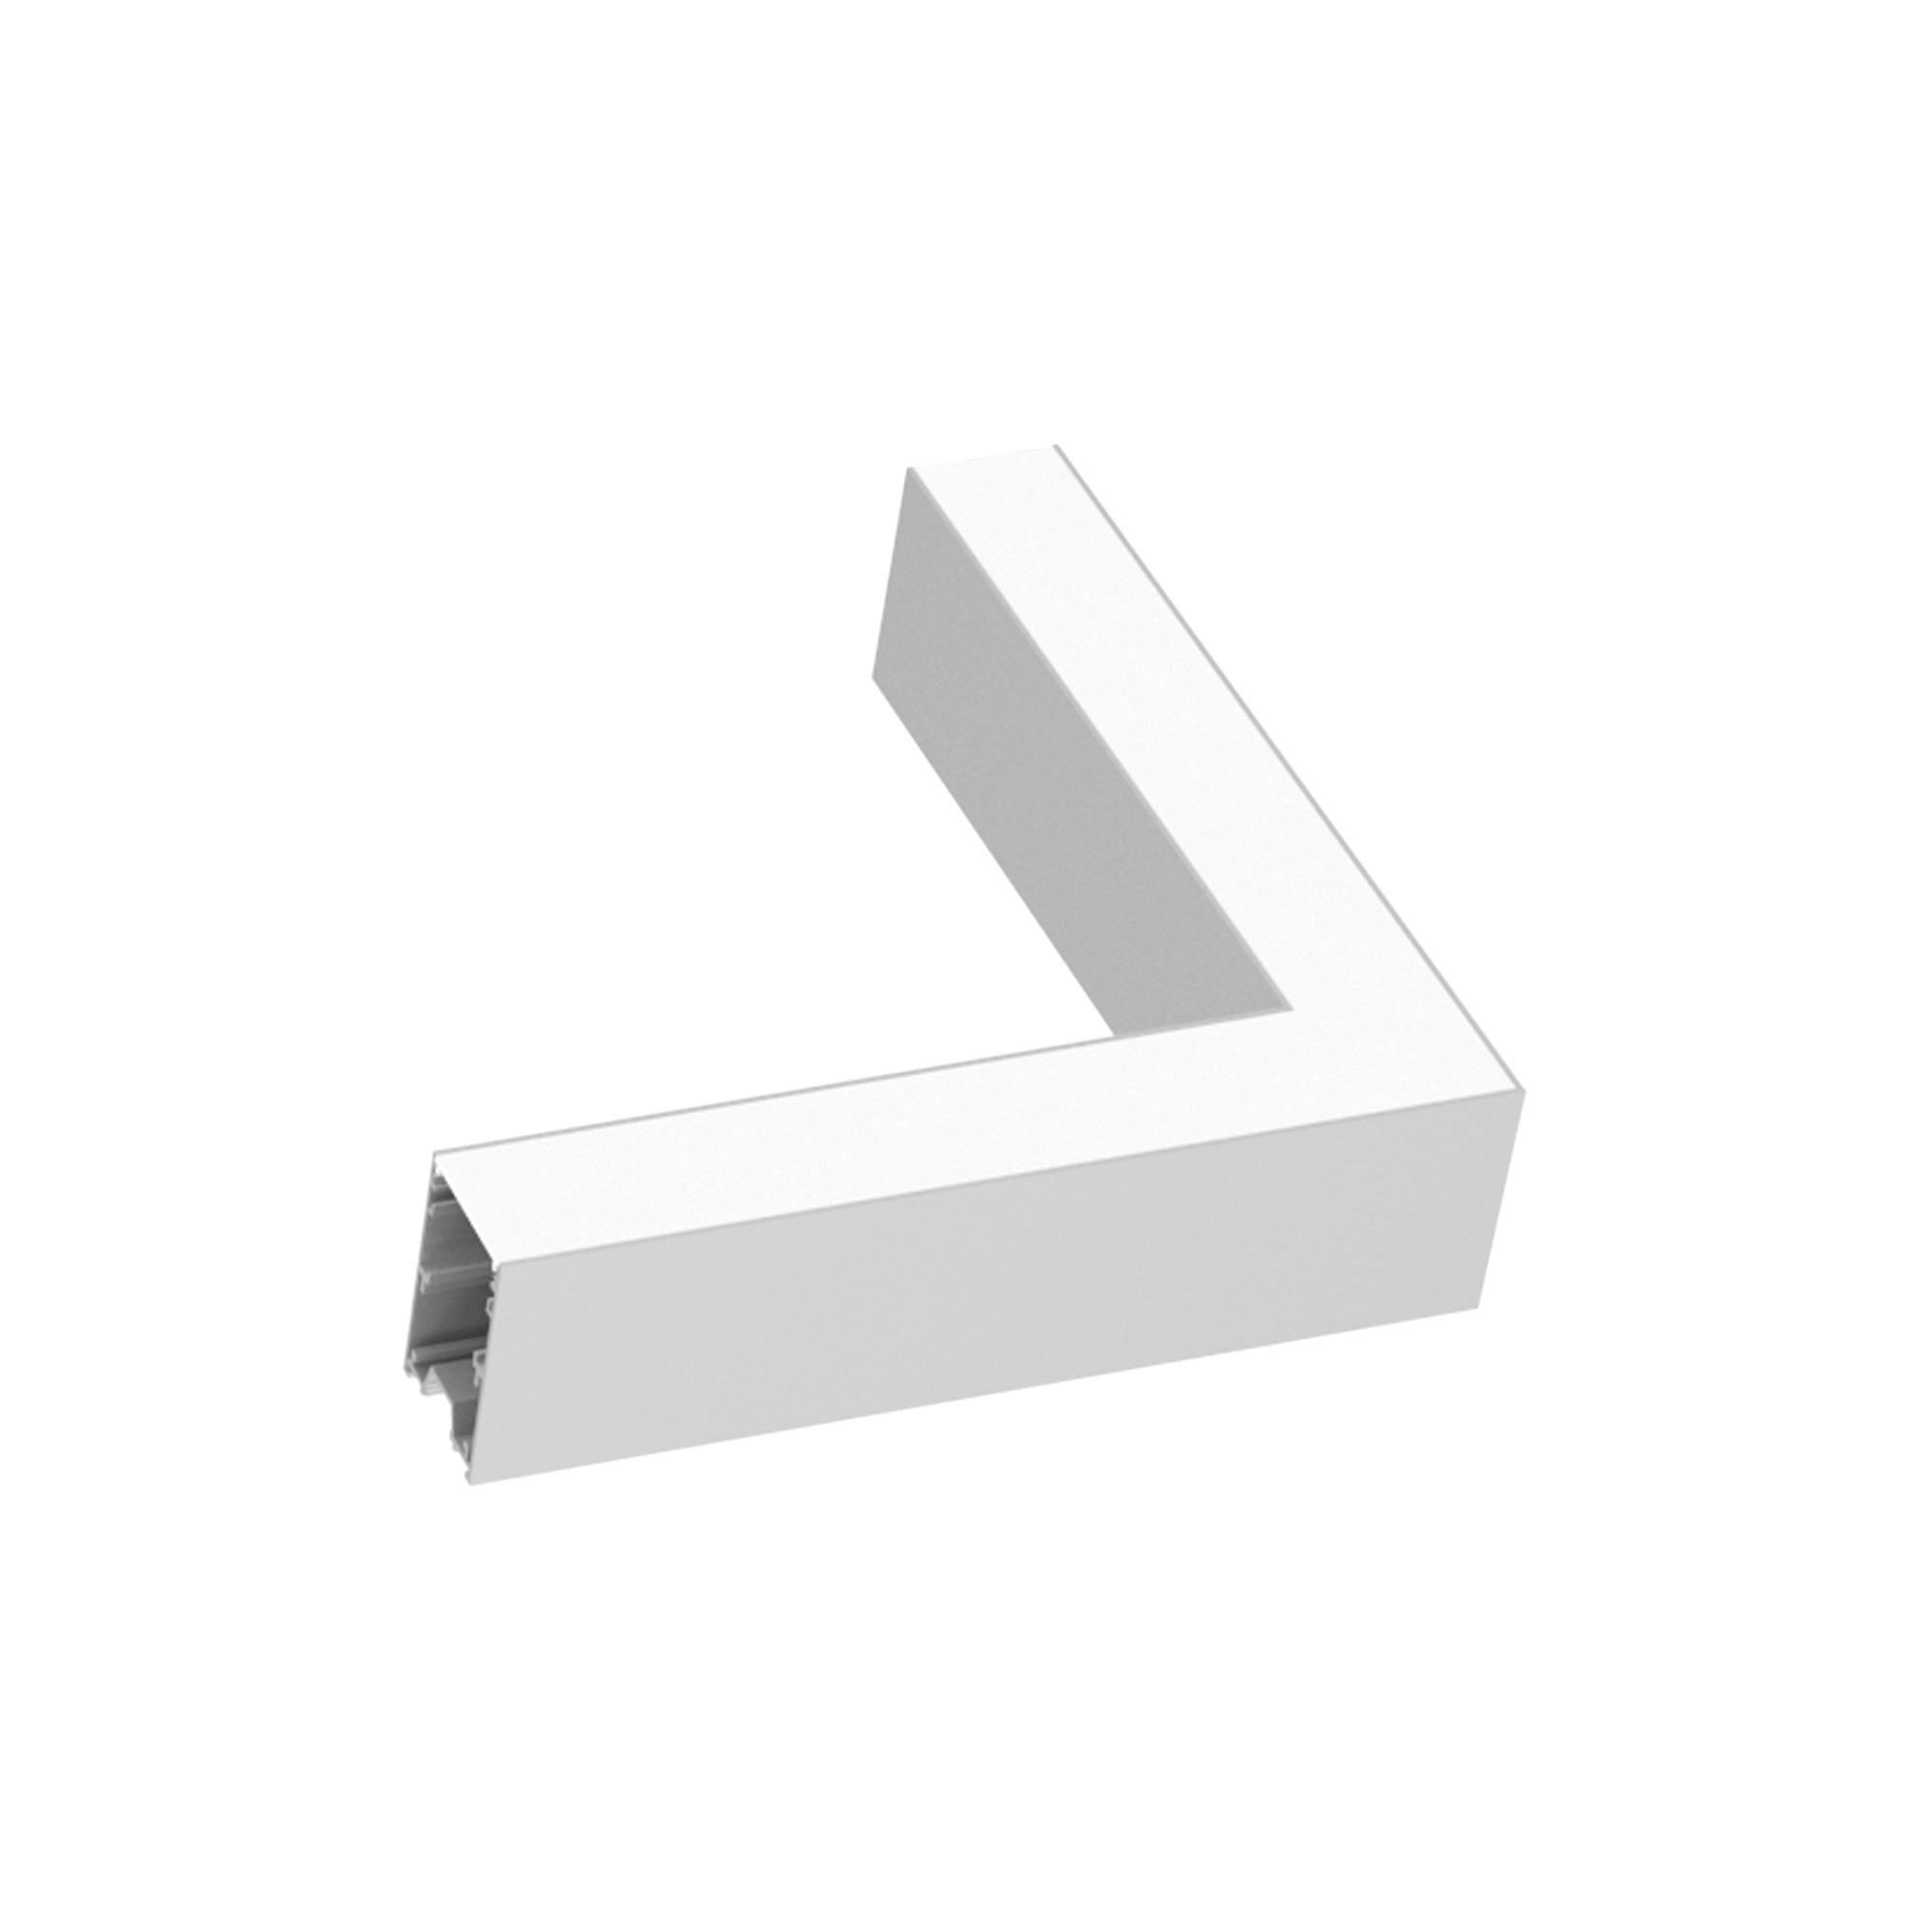 Коннектор для модульной системы Ideal Lux FLUO CORNER 4000K WHITE 191454, LED 8W 4000K (дневной), белый - фото 1